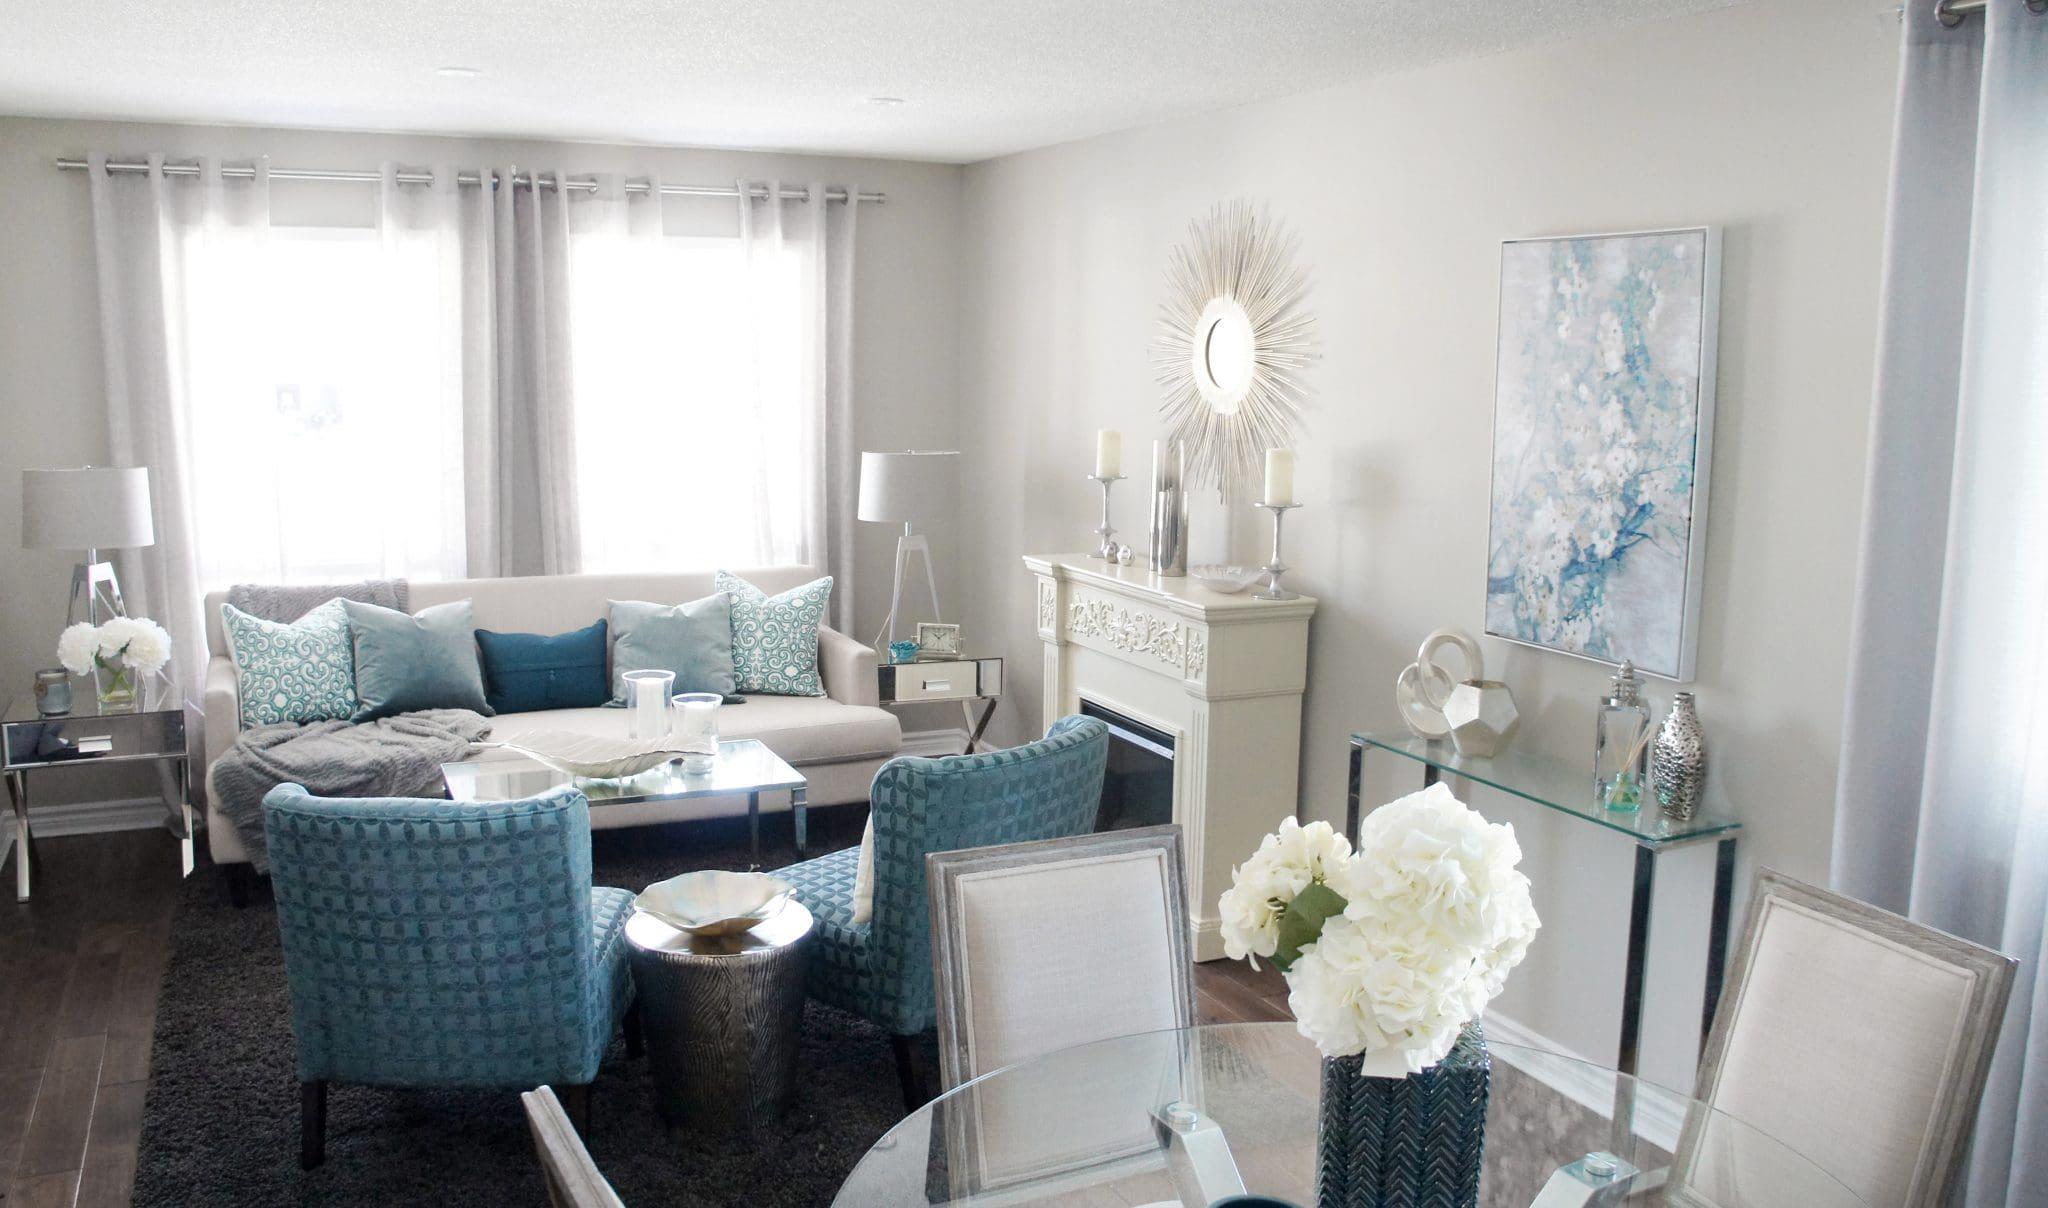 Camden Lane Interiors - Dining Room 4